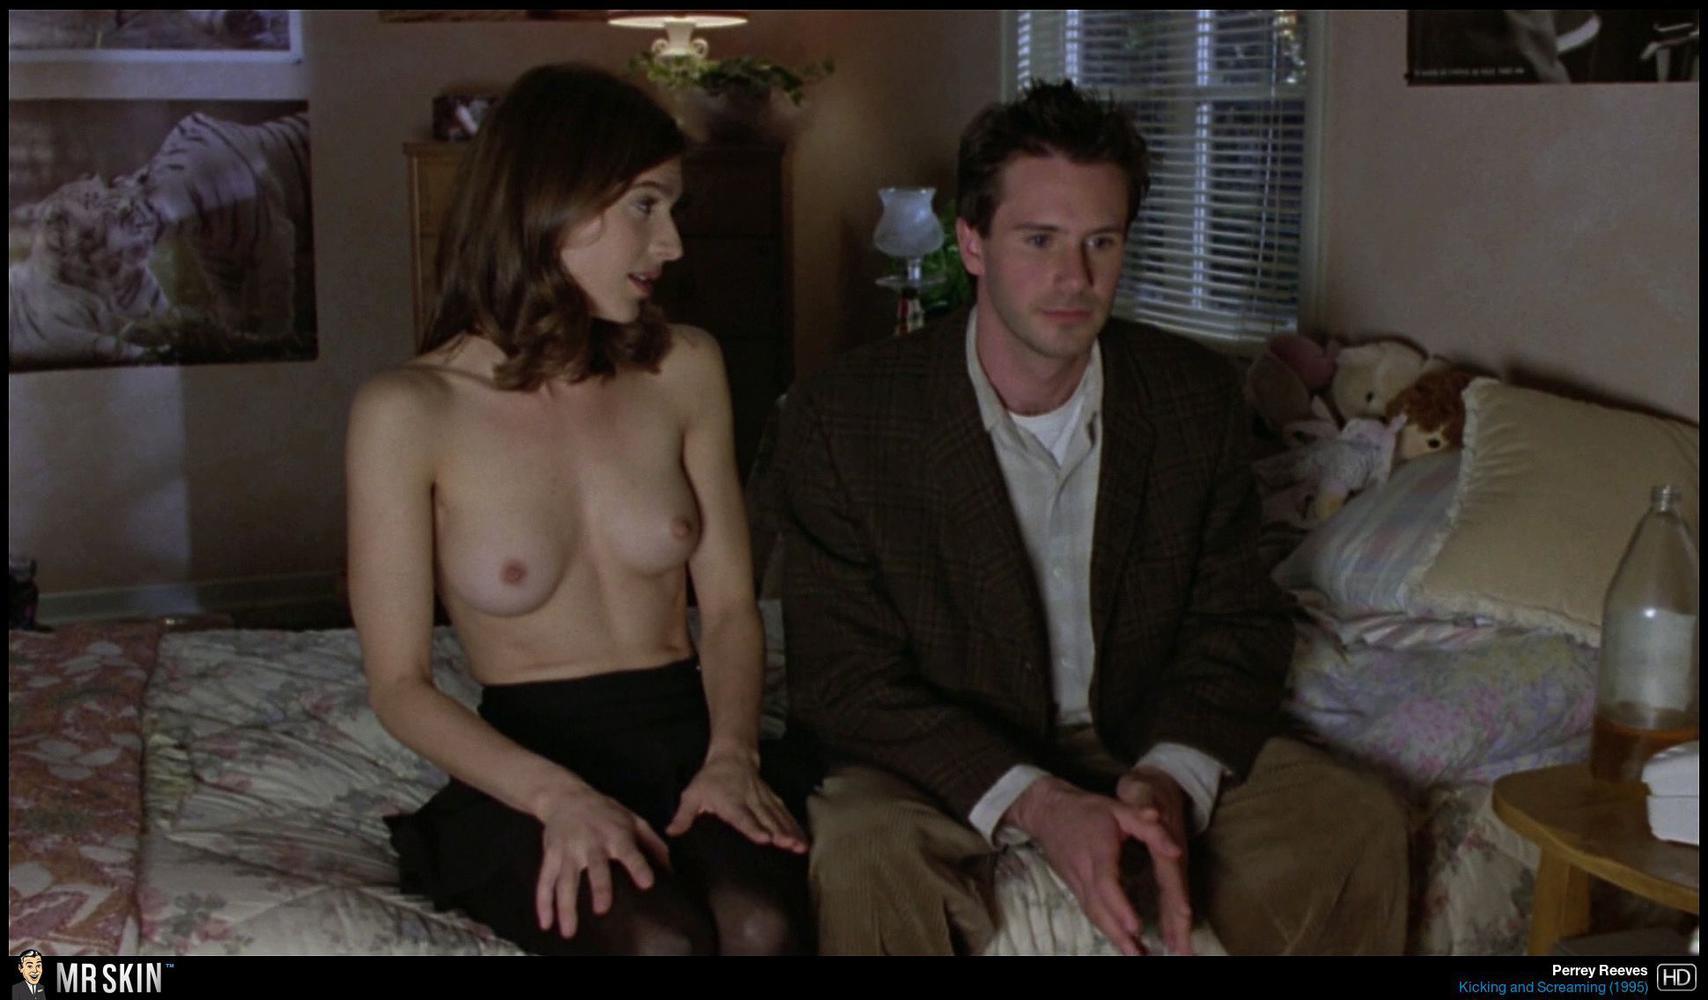 порно перри видео ривз